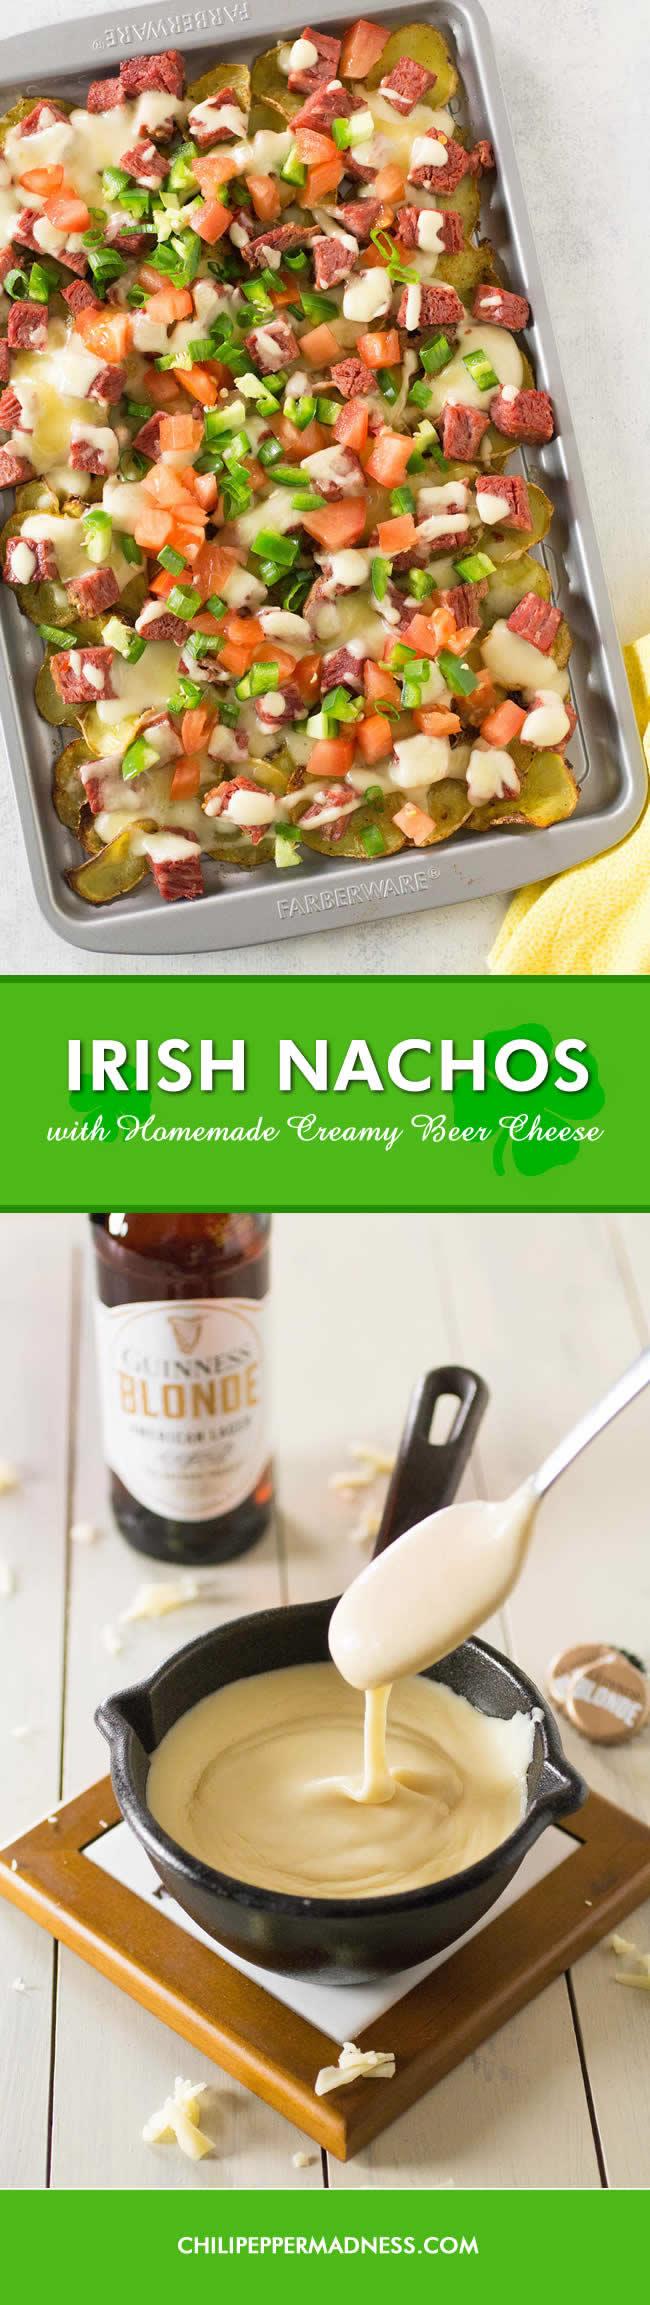 Irish Nachos with Homemade Beer Cheese - Recipe